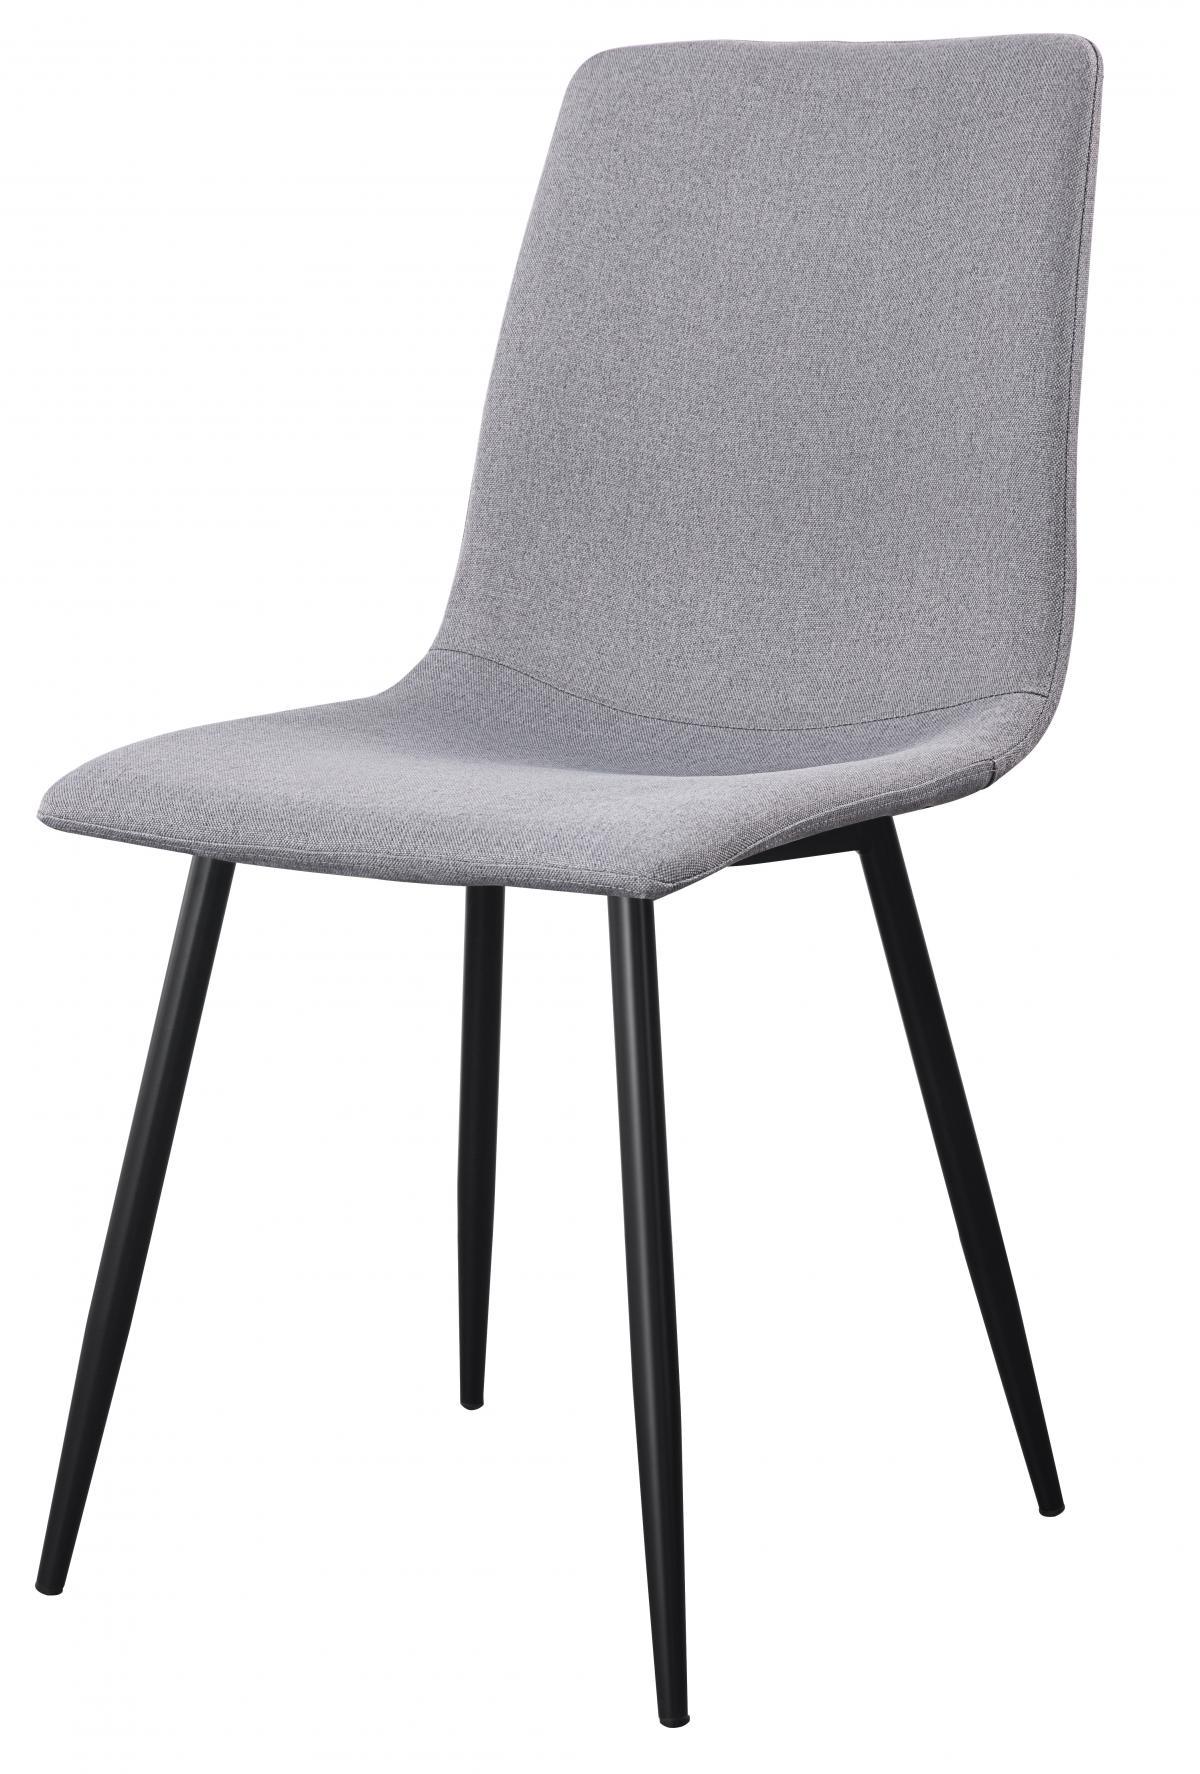 כסא לפינת אוכל דגם Madison בד אריג אפור